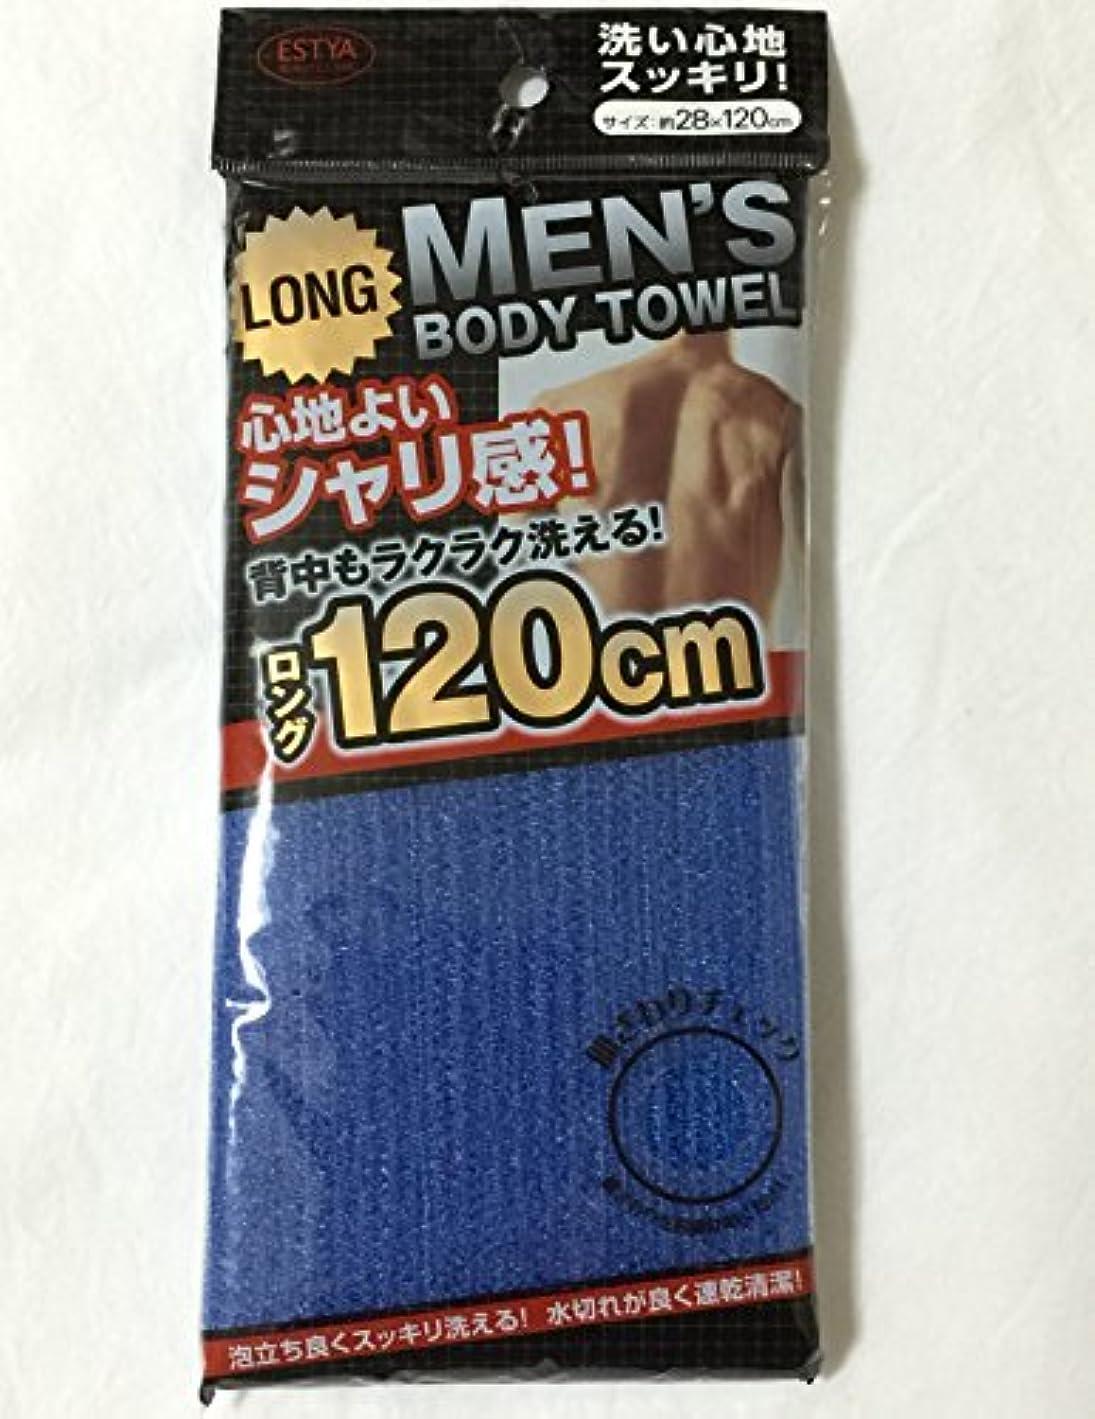 ガラガラ行商人感嘆符メンズ ボディー  タオル 120cm ( かため ) スッキリ 爽快 ! 男性用 ロング ナイロン タオル